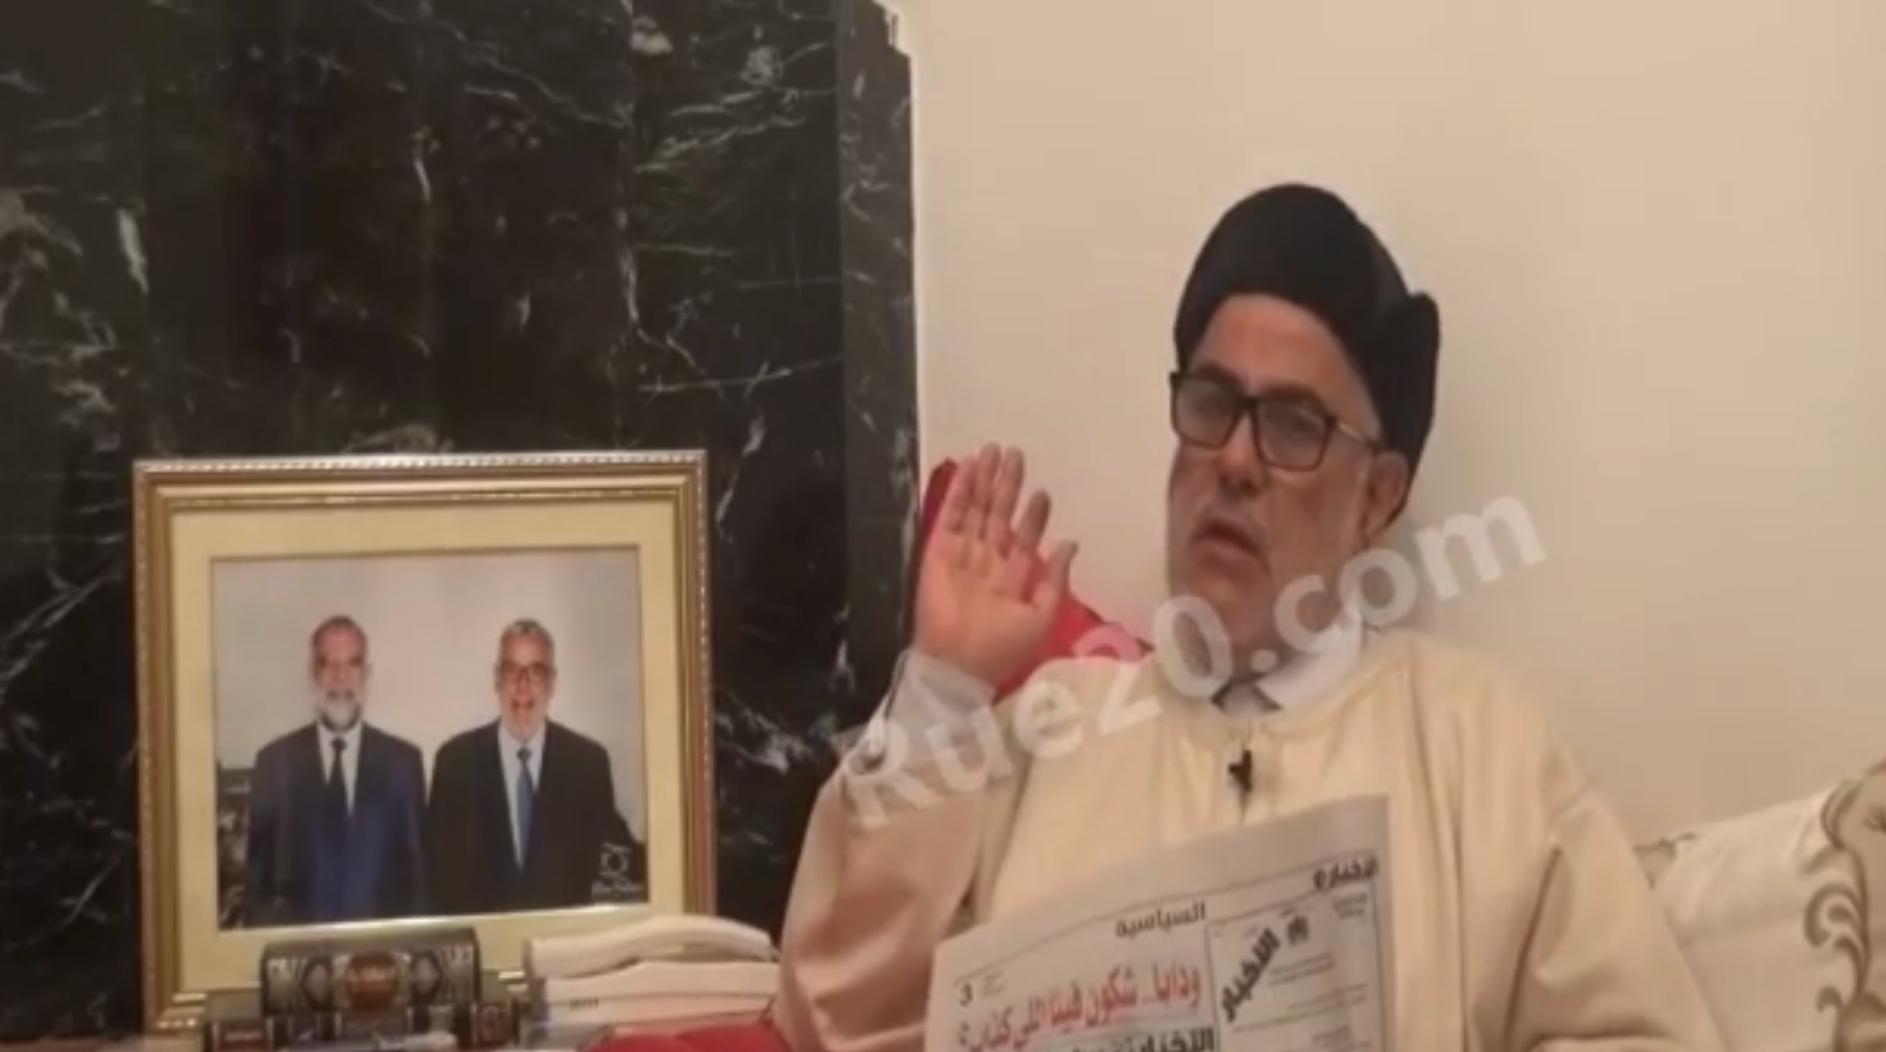 """فيديو/بنكيران: """"من أكتوبر تقطعْ علي معاشي البرلماني وبقيت كانديـپاني ماعندي ولا درهم واحد"""""""